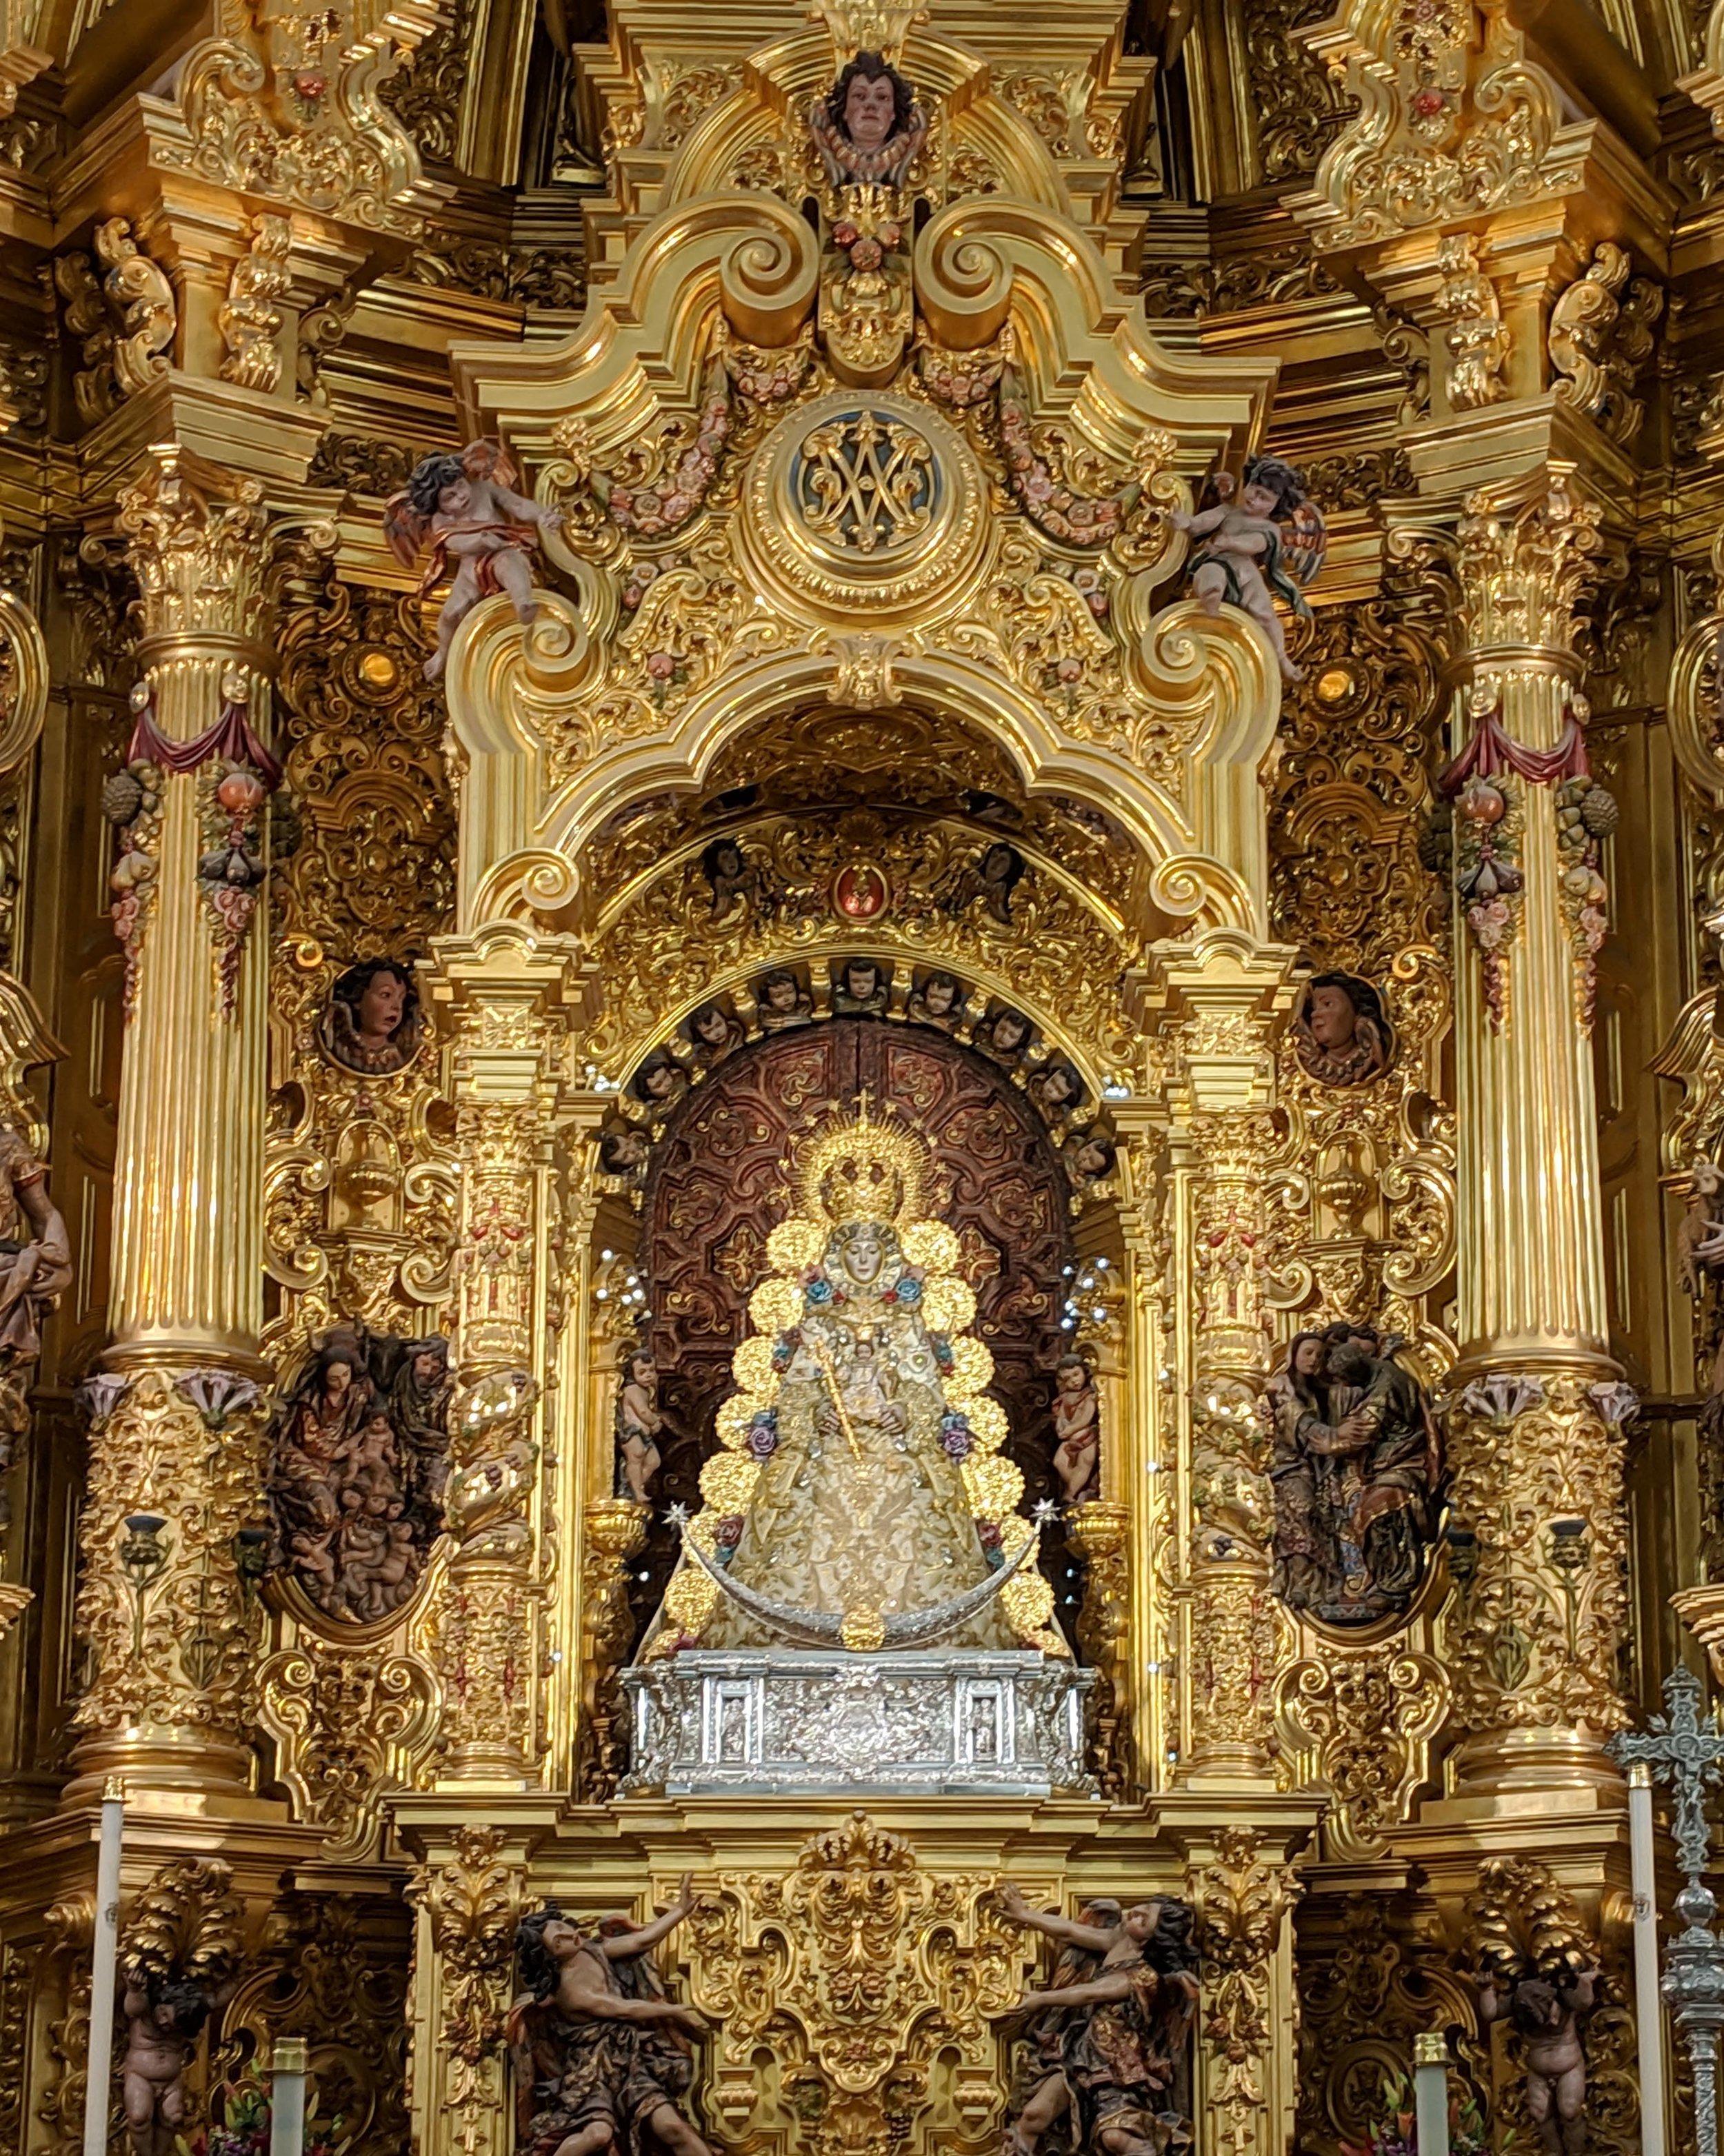 The Virgen del El Rocio